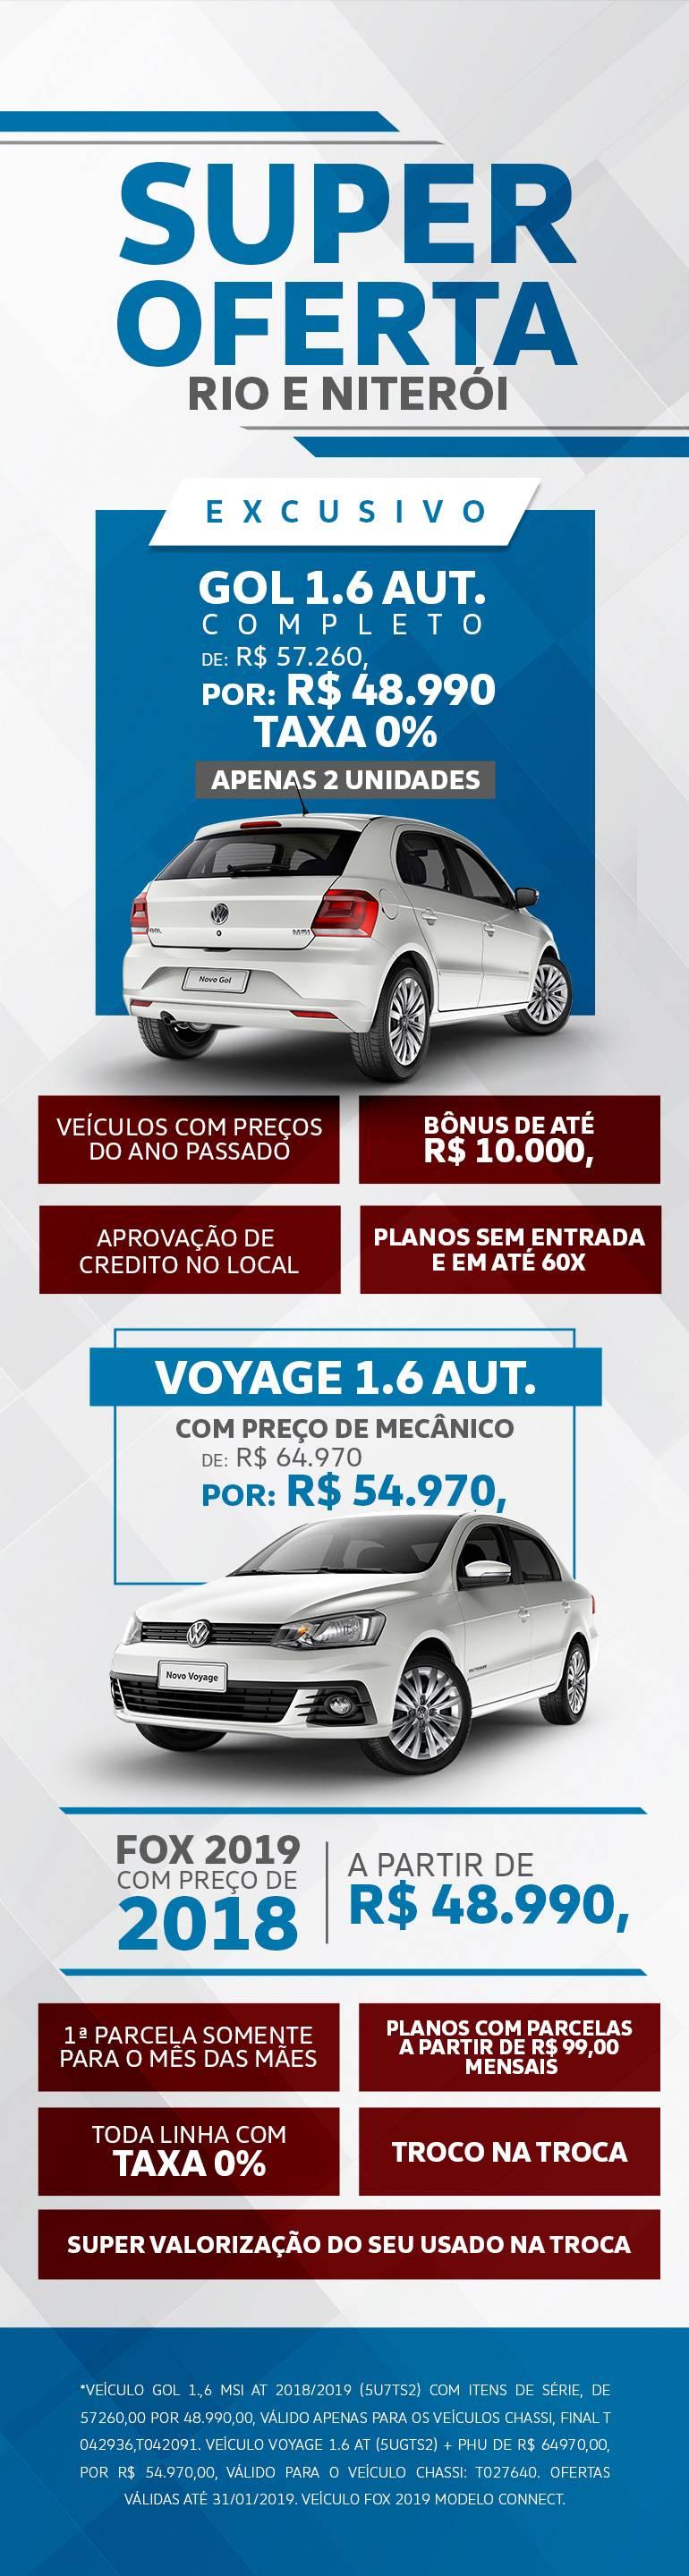 Super Oferta Volkswagen